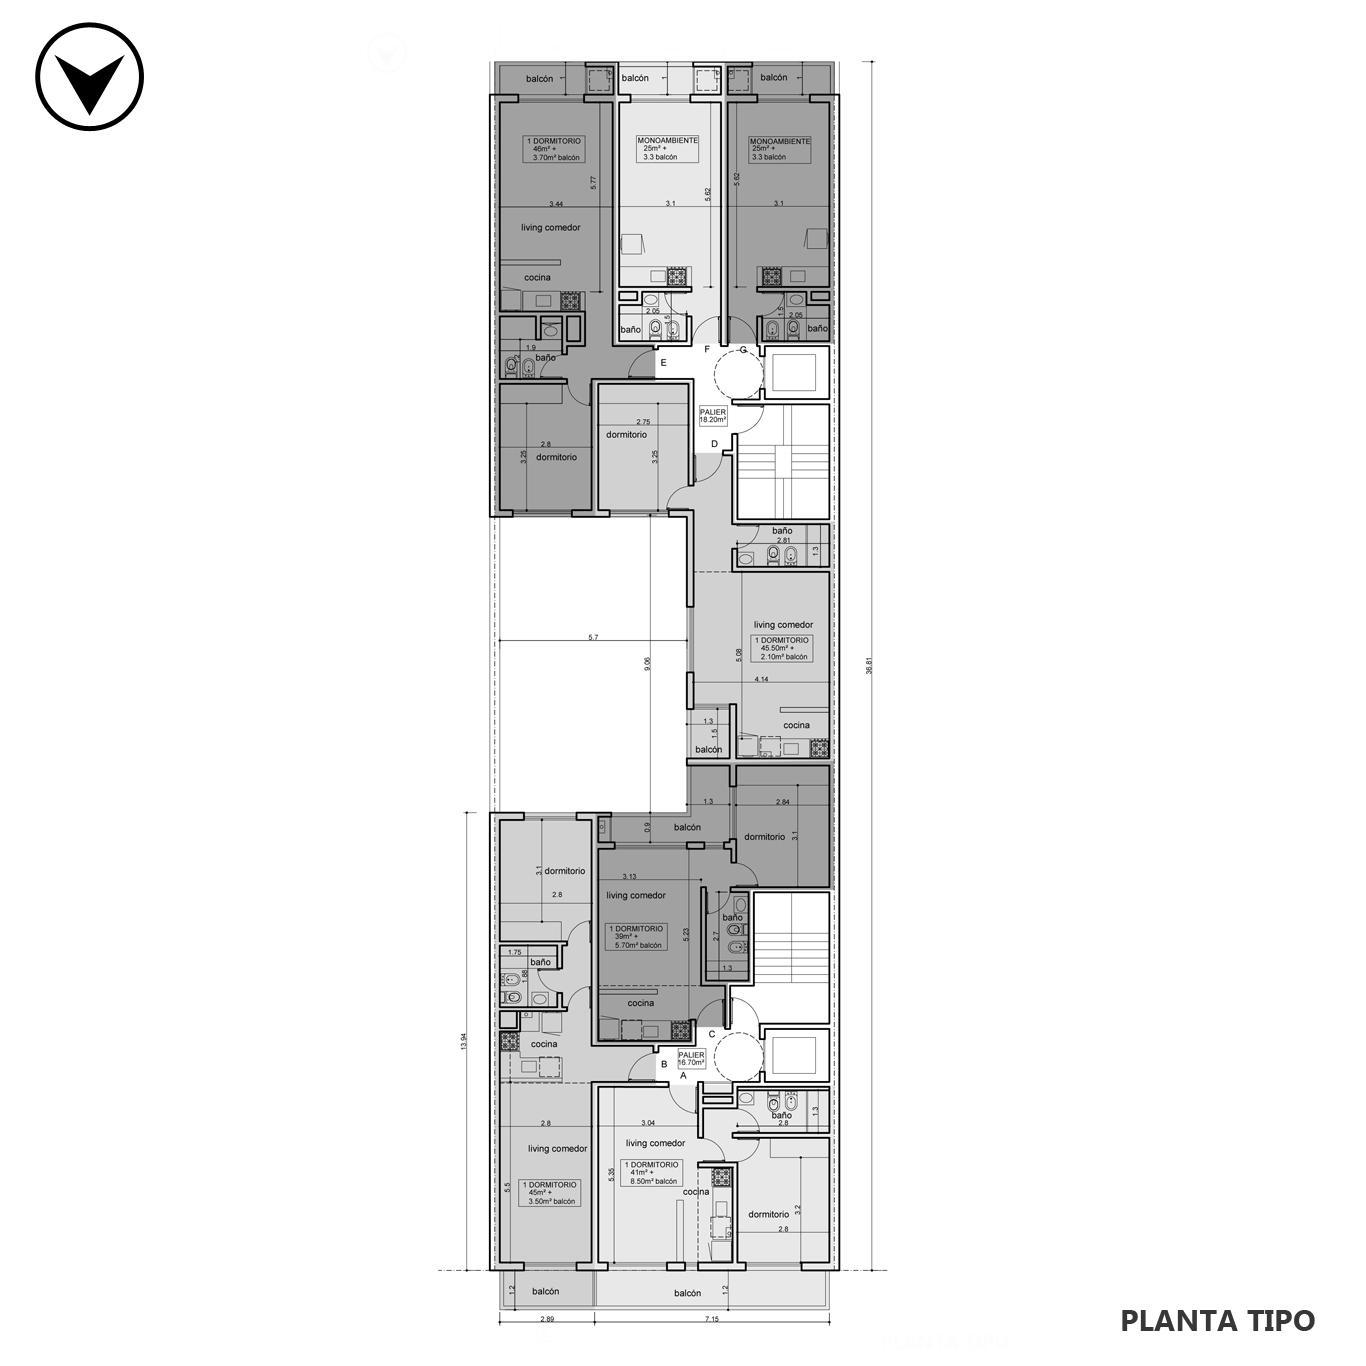 Venta departamento 1 dormitorio Rosario, Centro. Cod CBU24743 AP2302060. Crestale Propiedades